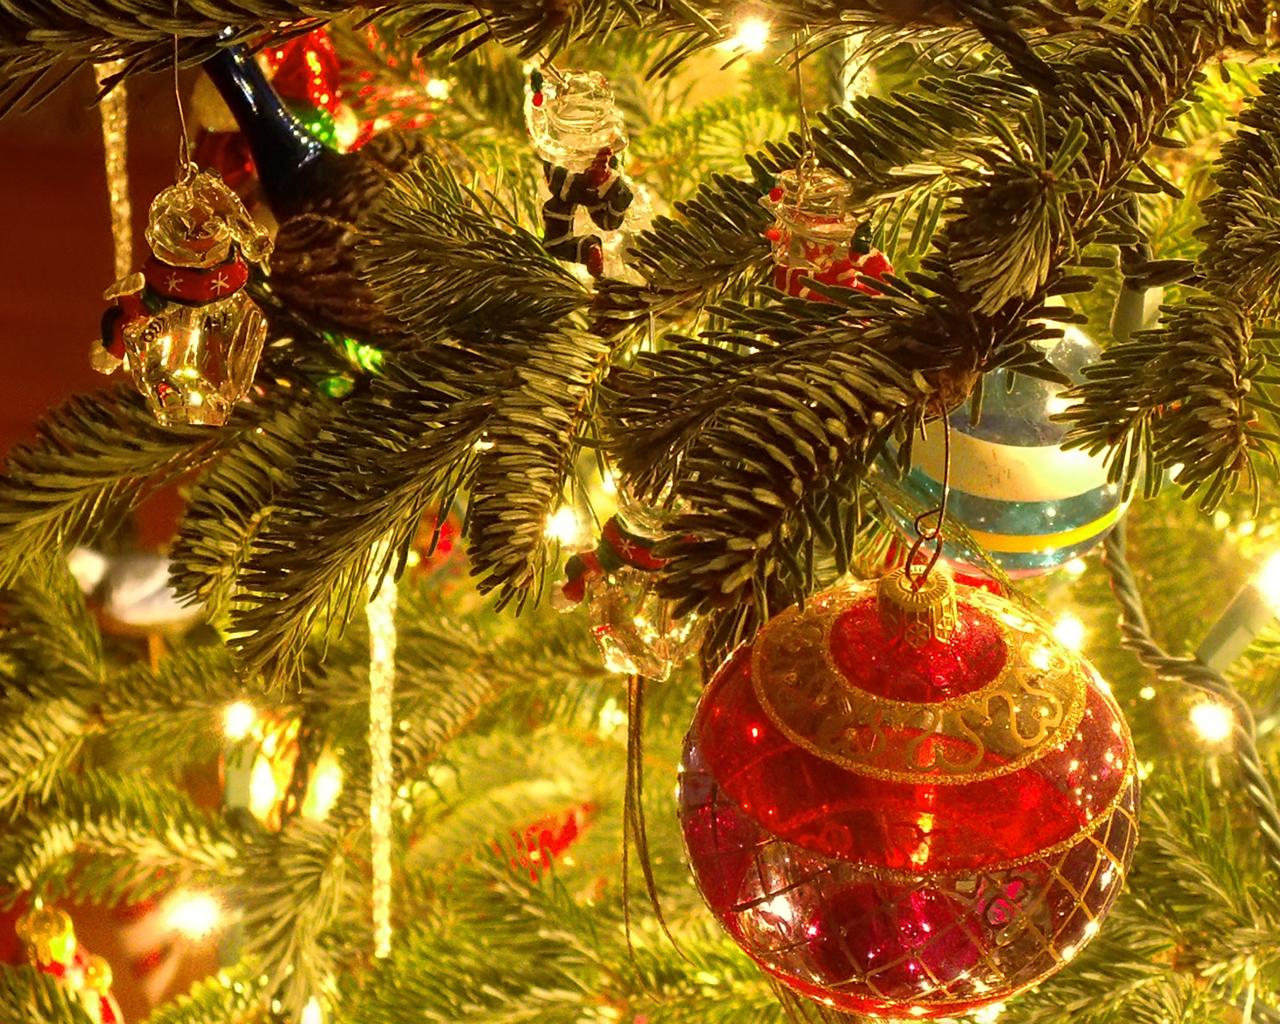 Tendencias y consejos de iluminaci n para el hogar - Luces para arbol de navidad ...